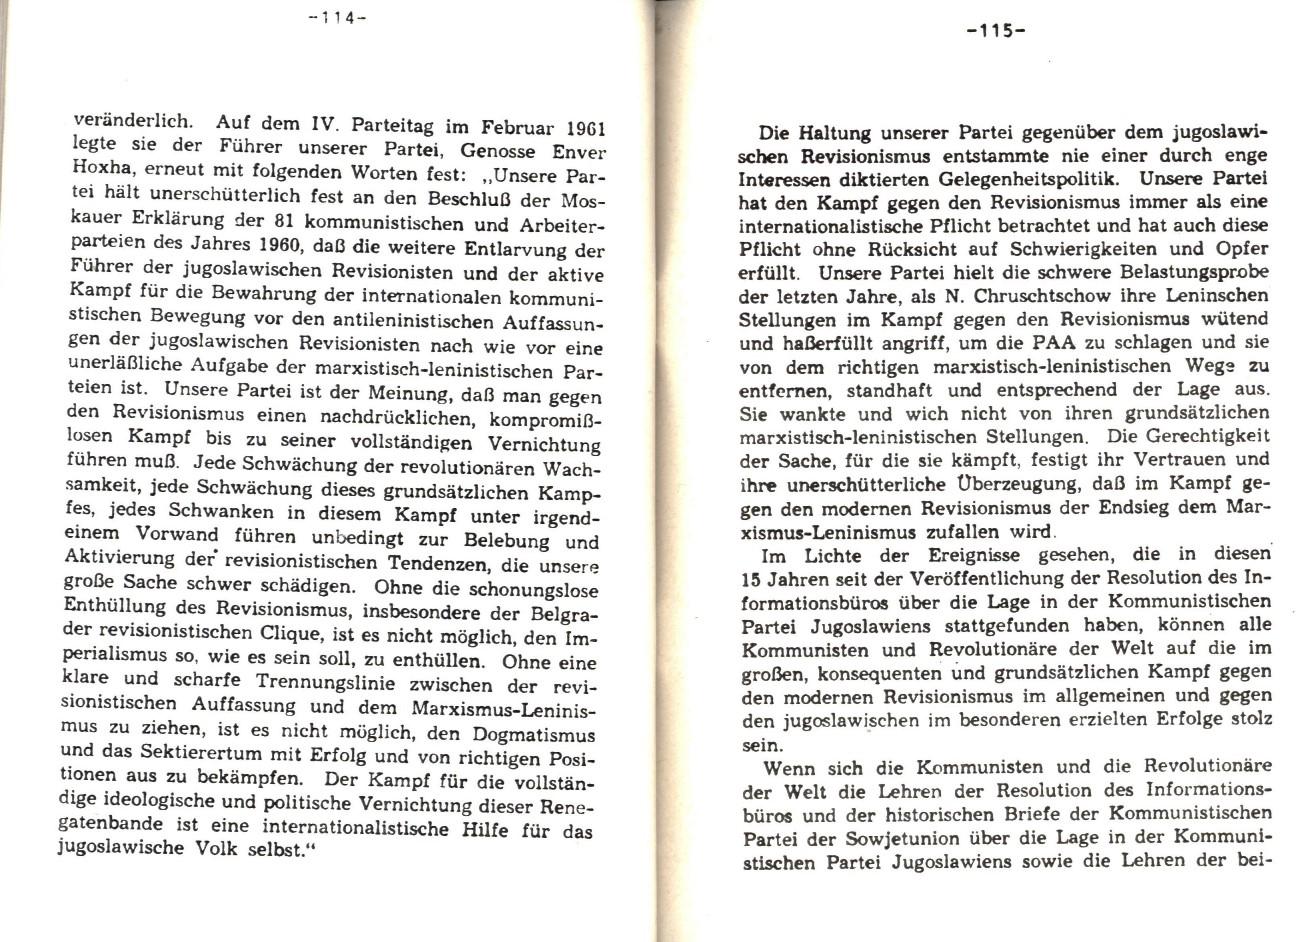 MLSK_Theorie_und_Praxis_des_ML_1979_24_59